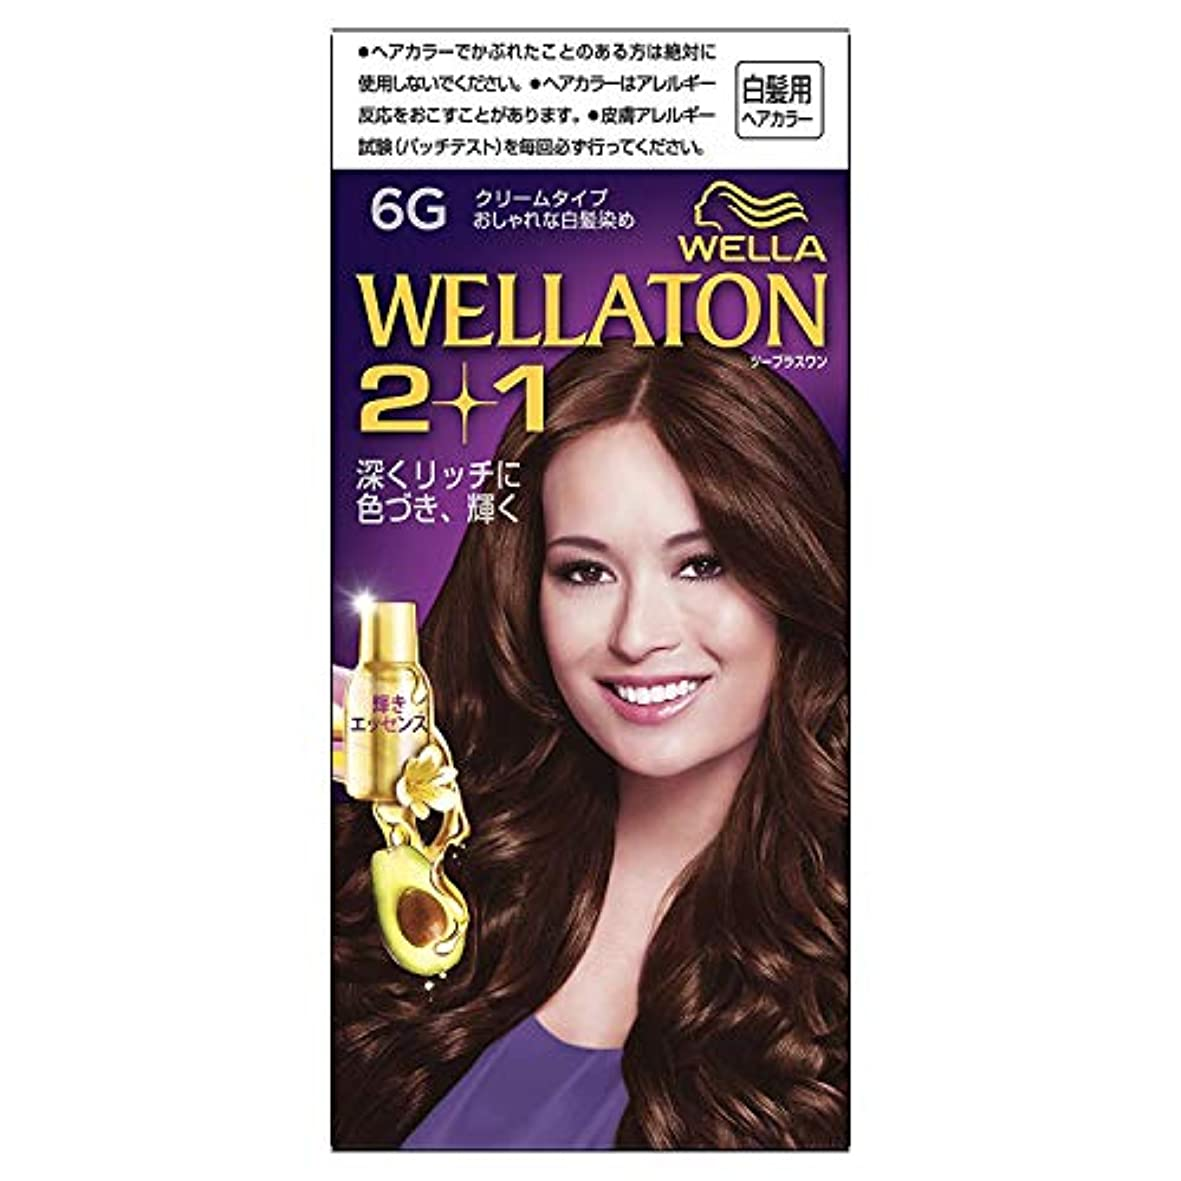 等しいバーチャル求人ウエラトーン2+1 白髪染め クリームタイプ 6G×6個